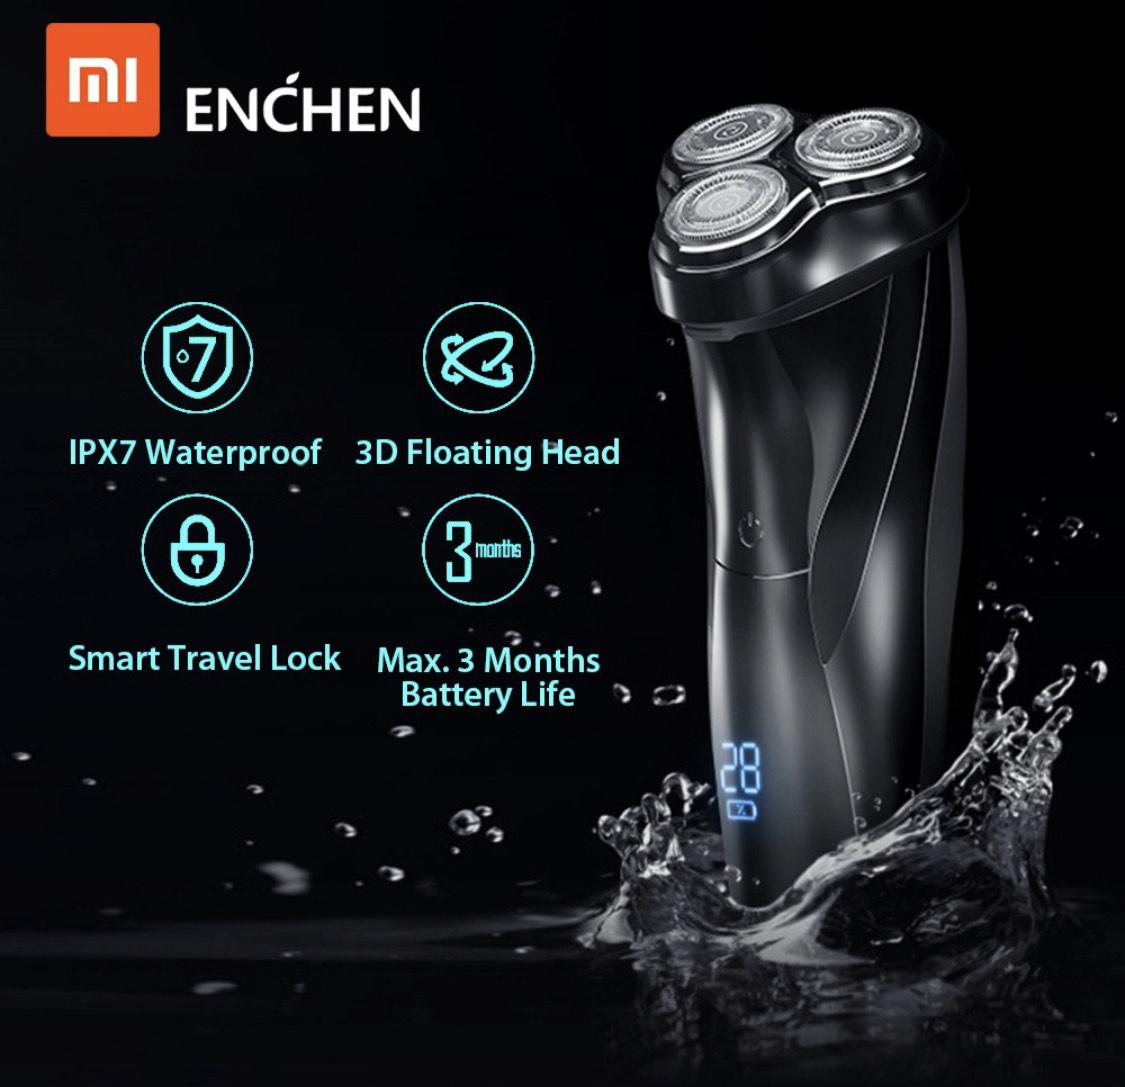 Linio: ENCHEN 3D Rasuradora eléctrica Xiaomi